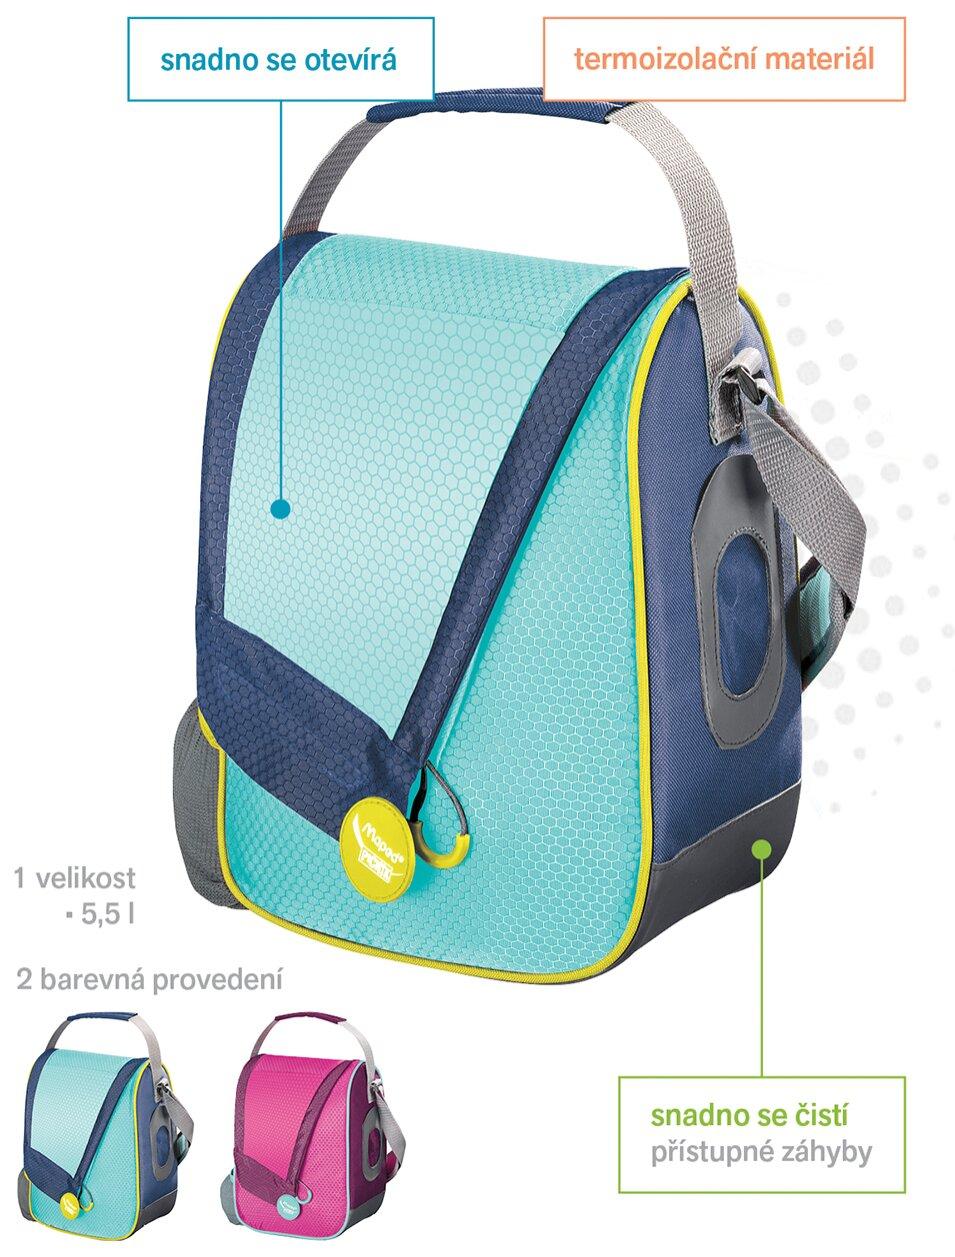 Výhody svačinové termo tašky Maped Picnik Concept